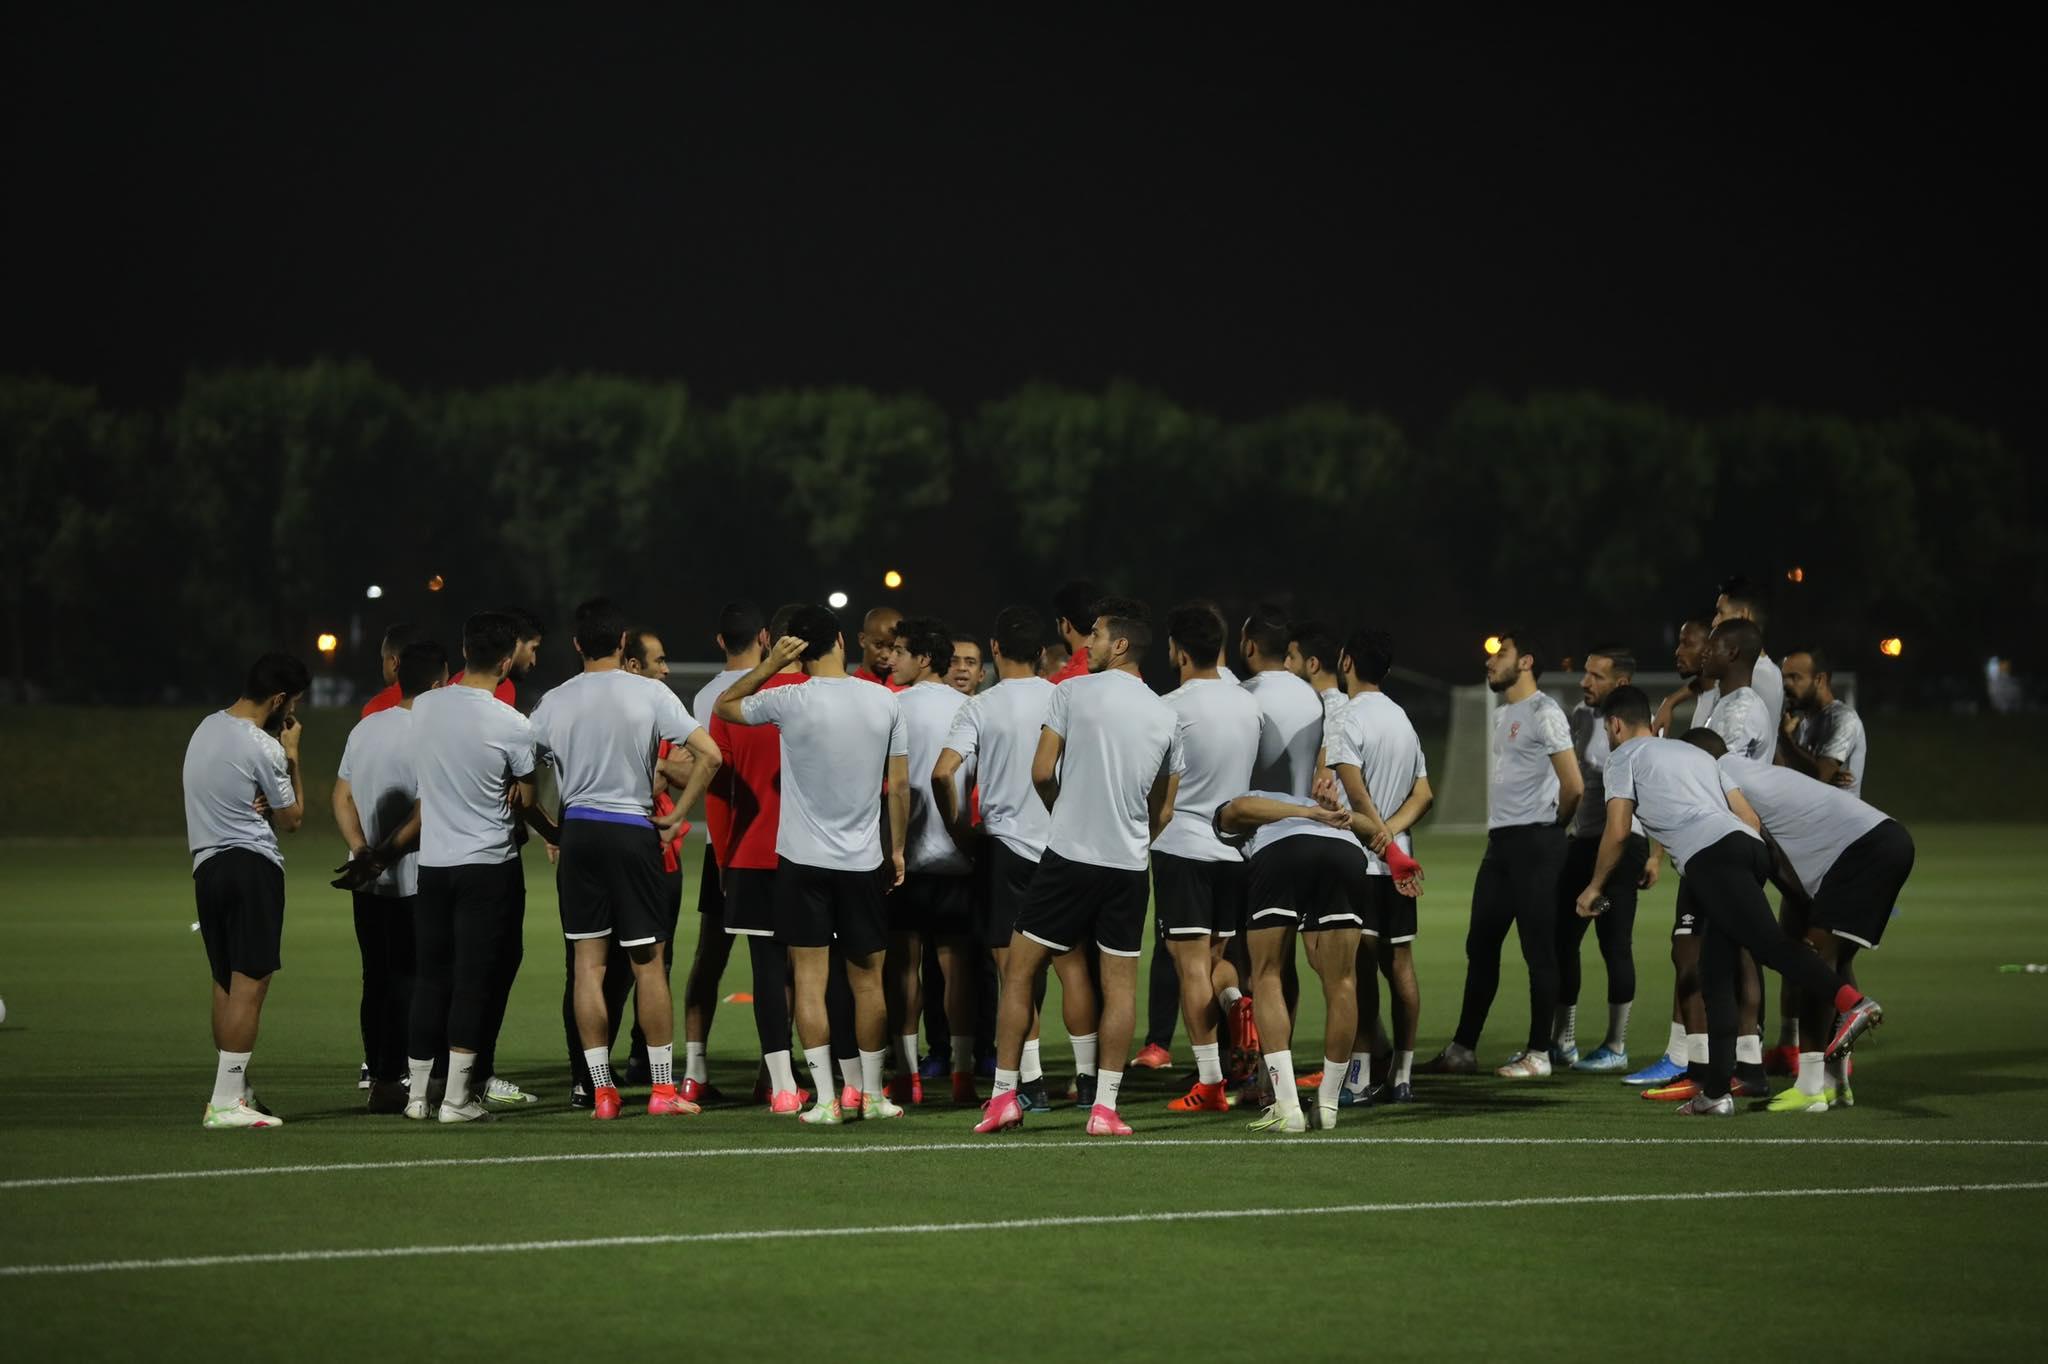 السوبر الإفريقي| موسيماني يطالب لاعبي الأهلي بالتركيز في مباراة نهضة بركان